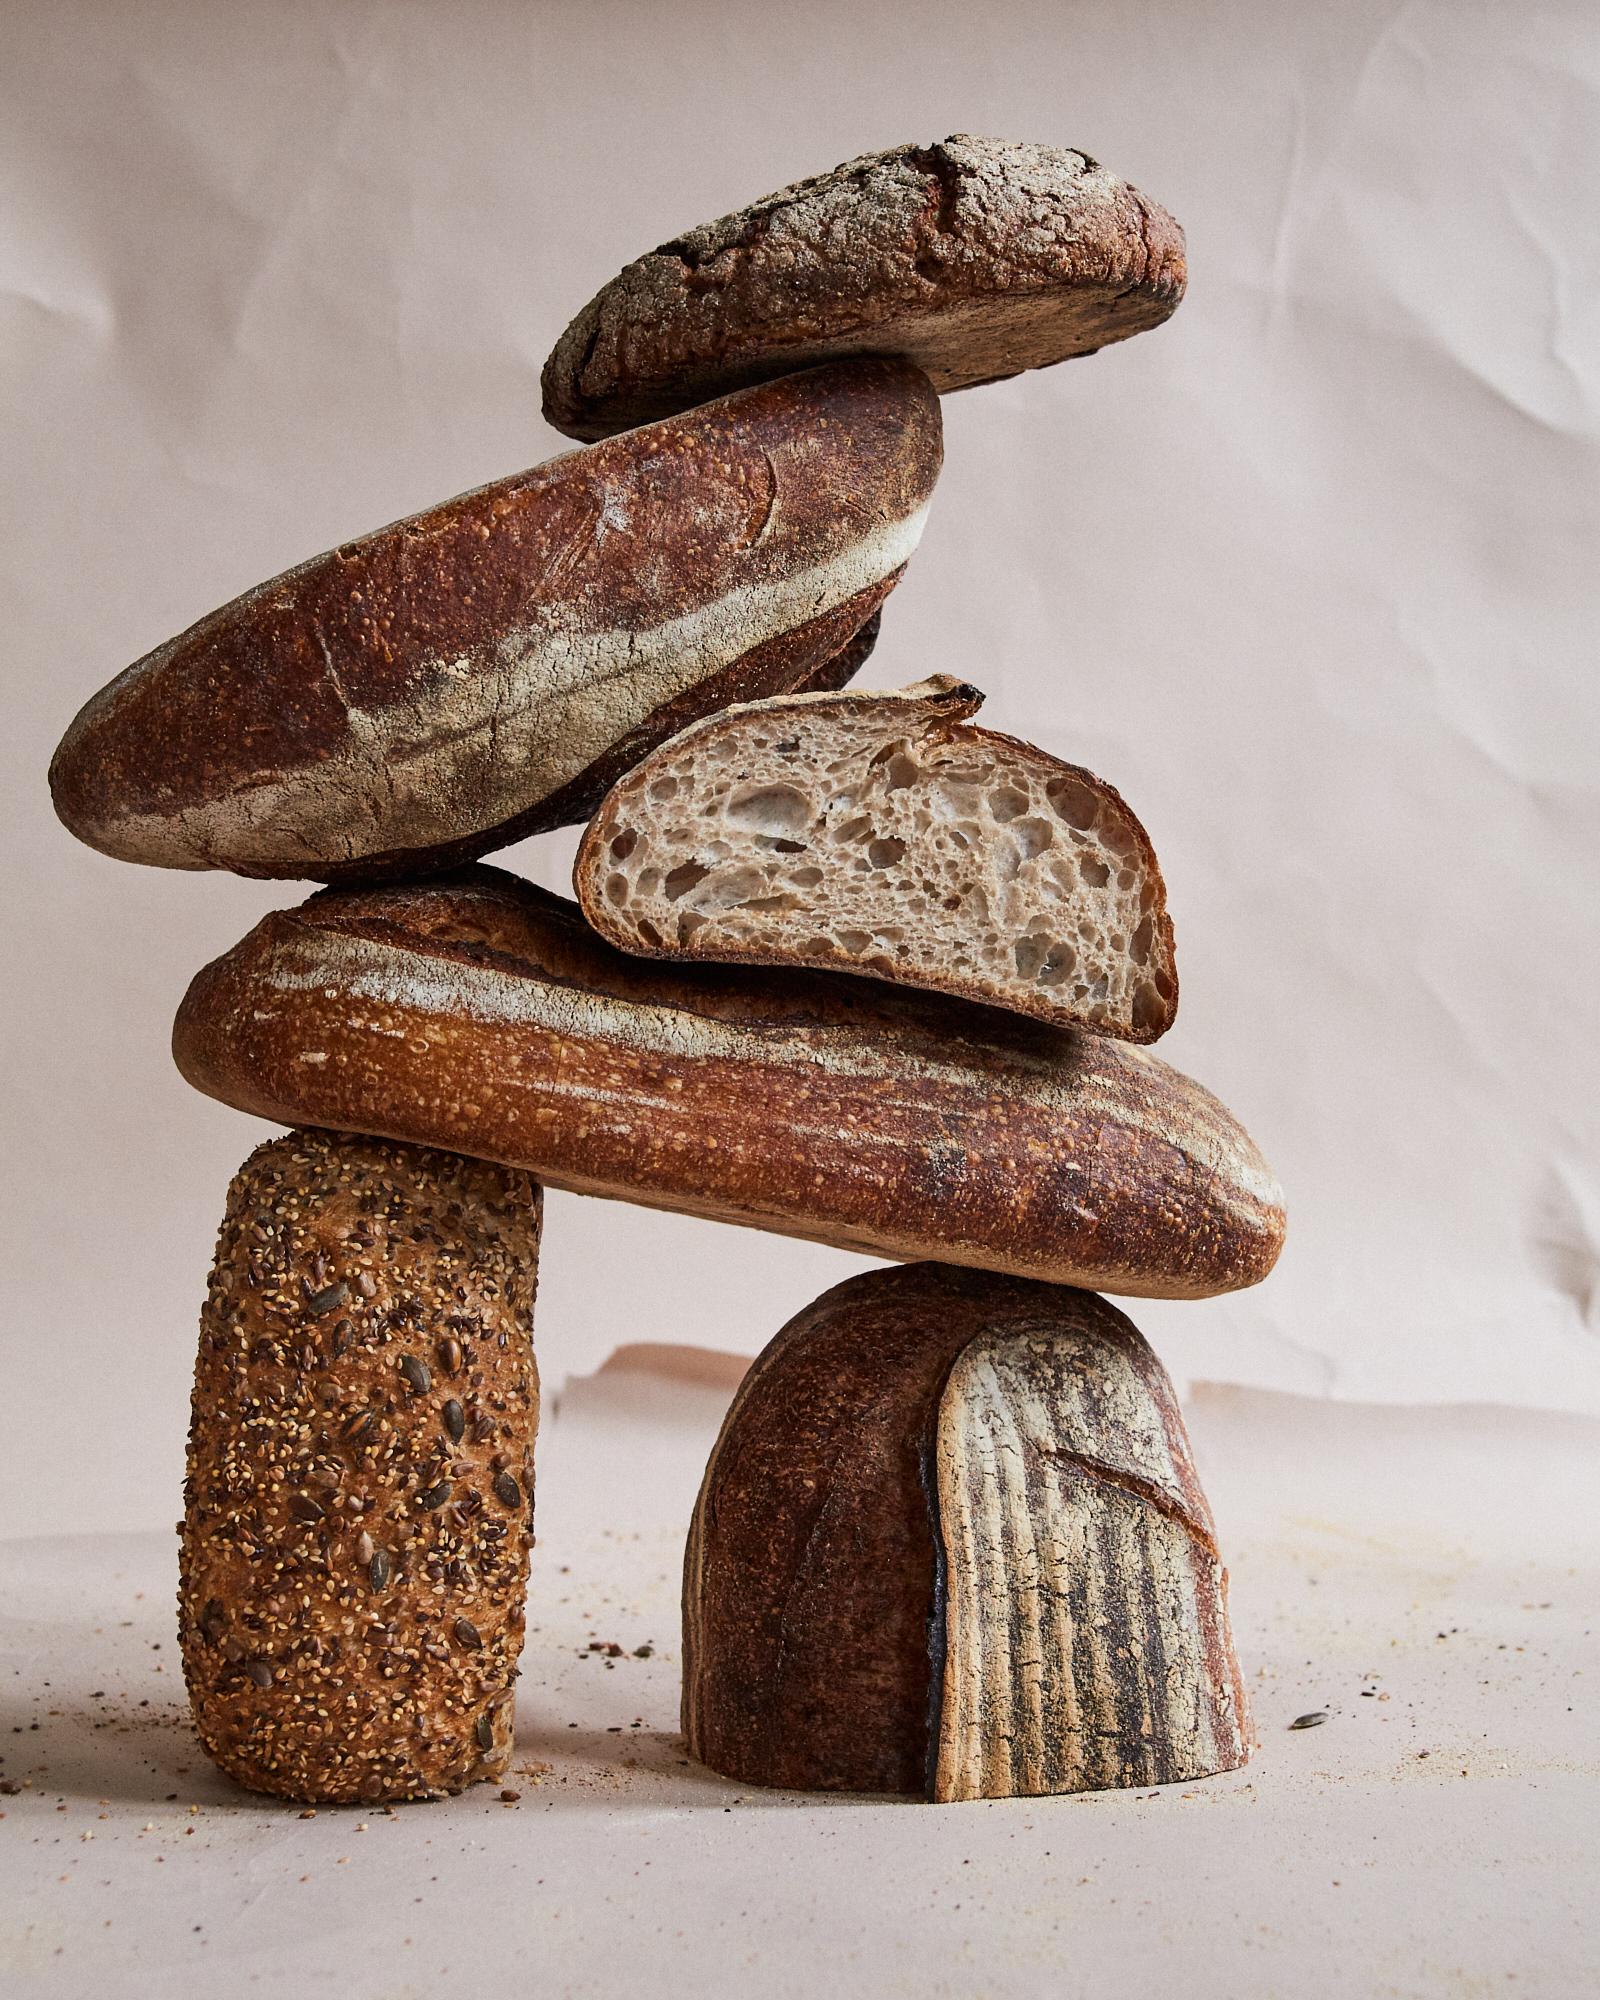 20200418_Bread4564-1